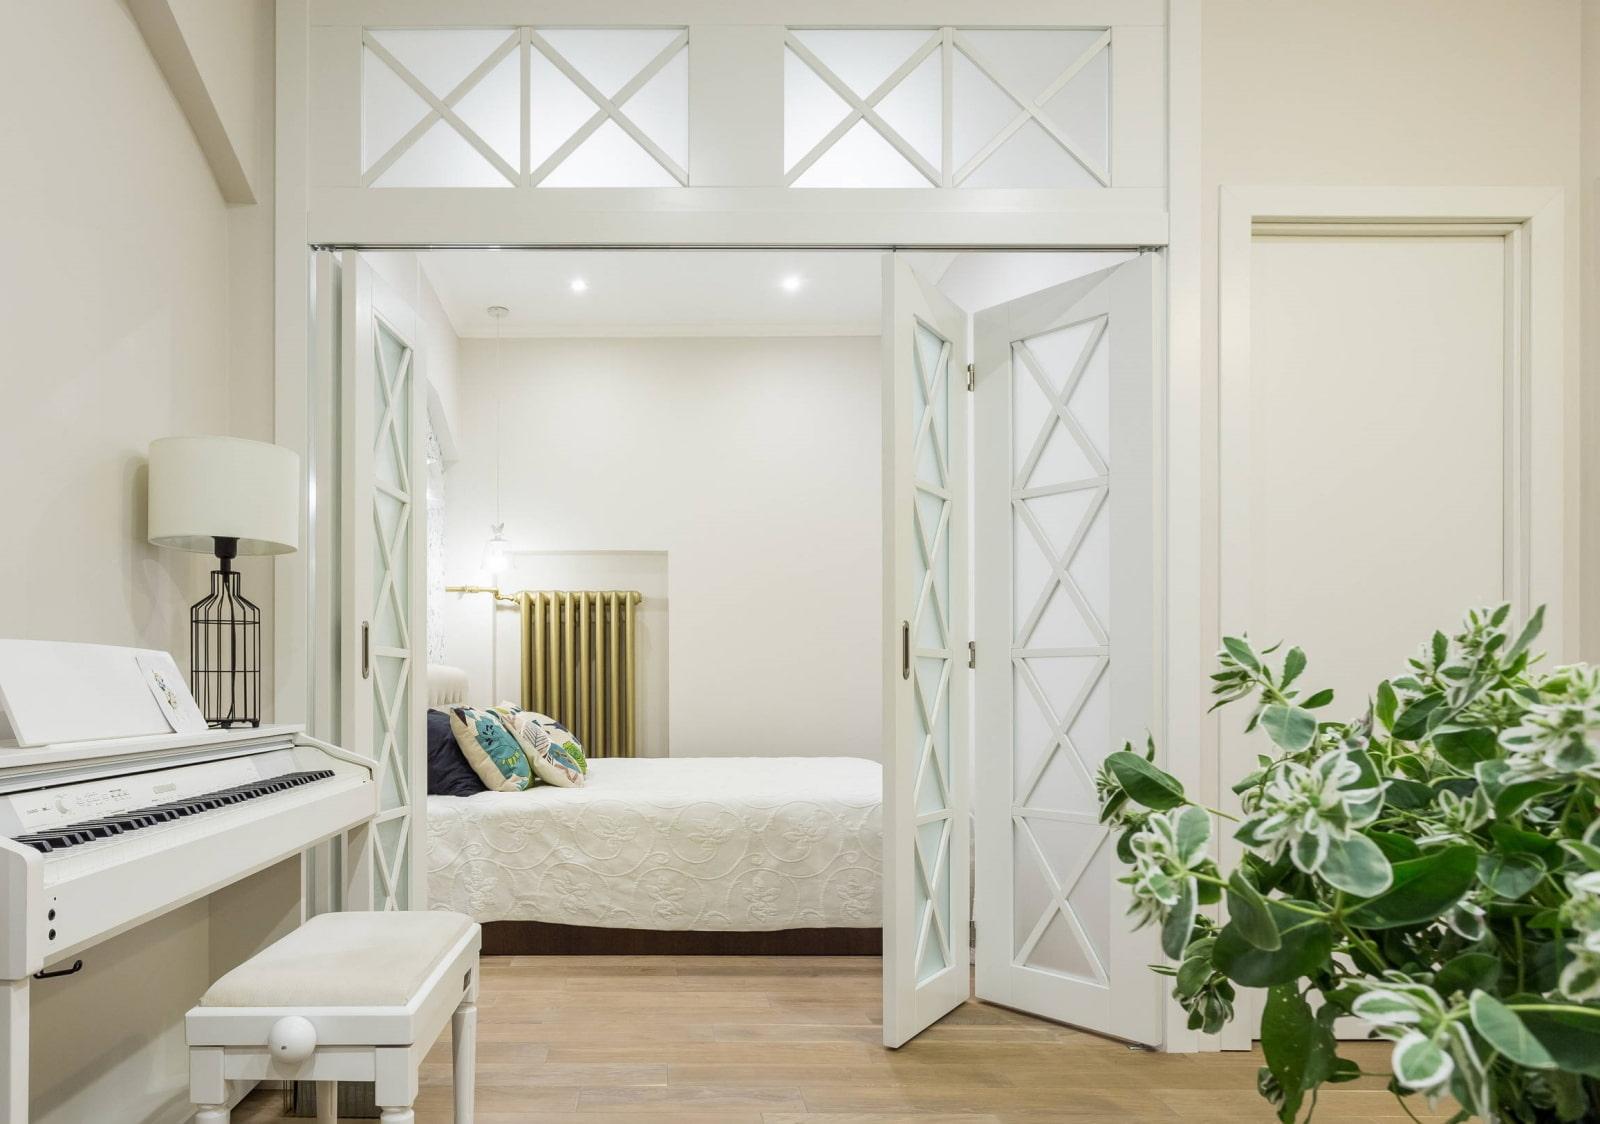 светлые двери в квартире фото дизайн